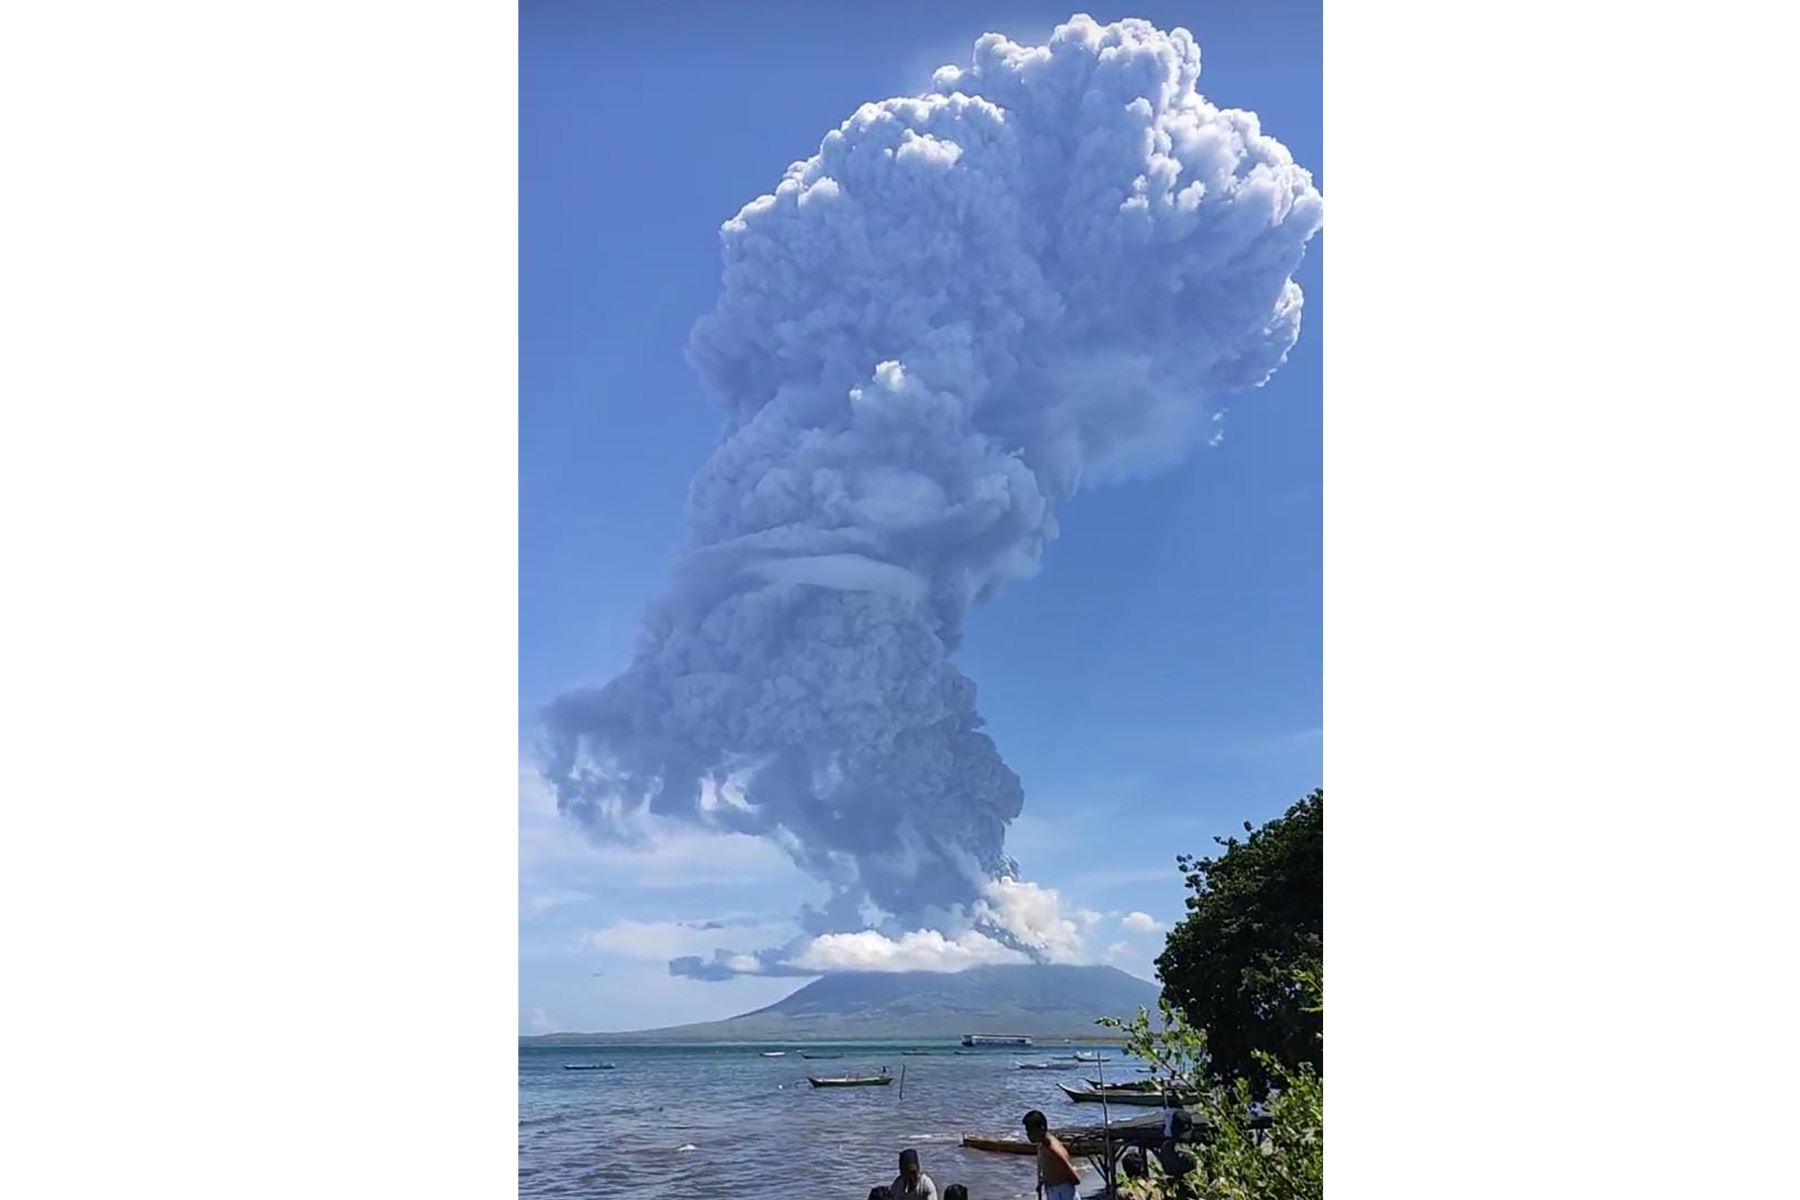 Erupción del volcán Lewotolo en Indonesia, que proyectó una columna de humo y cenizas a más de cuatro kilómetros de altura, informaron el lunes las autoridades indonesias. Foto: AFP